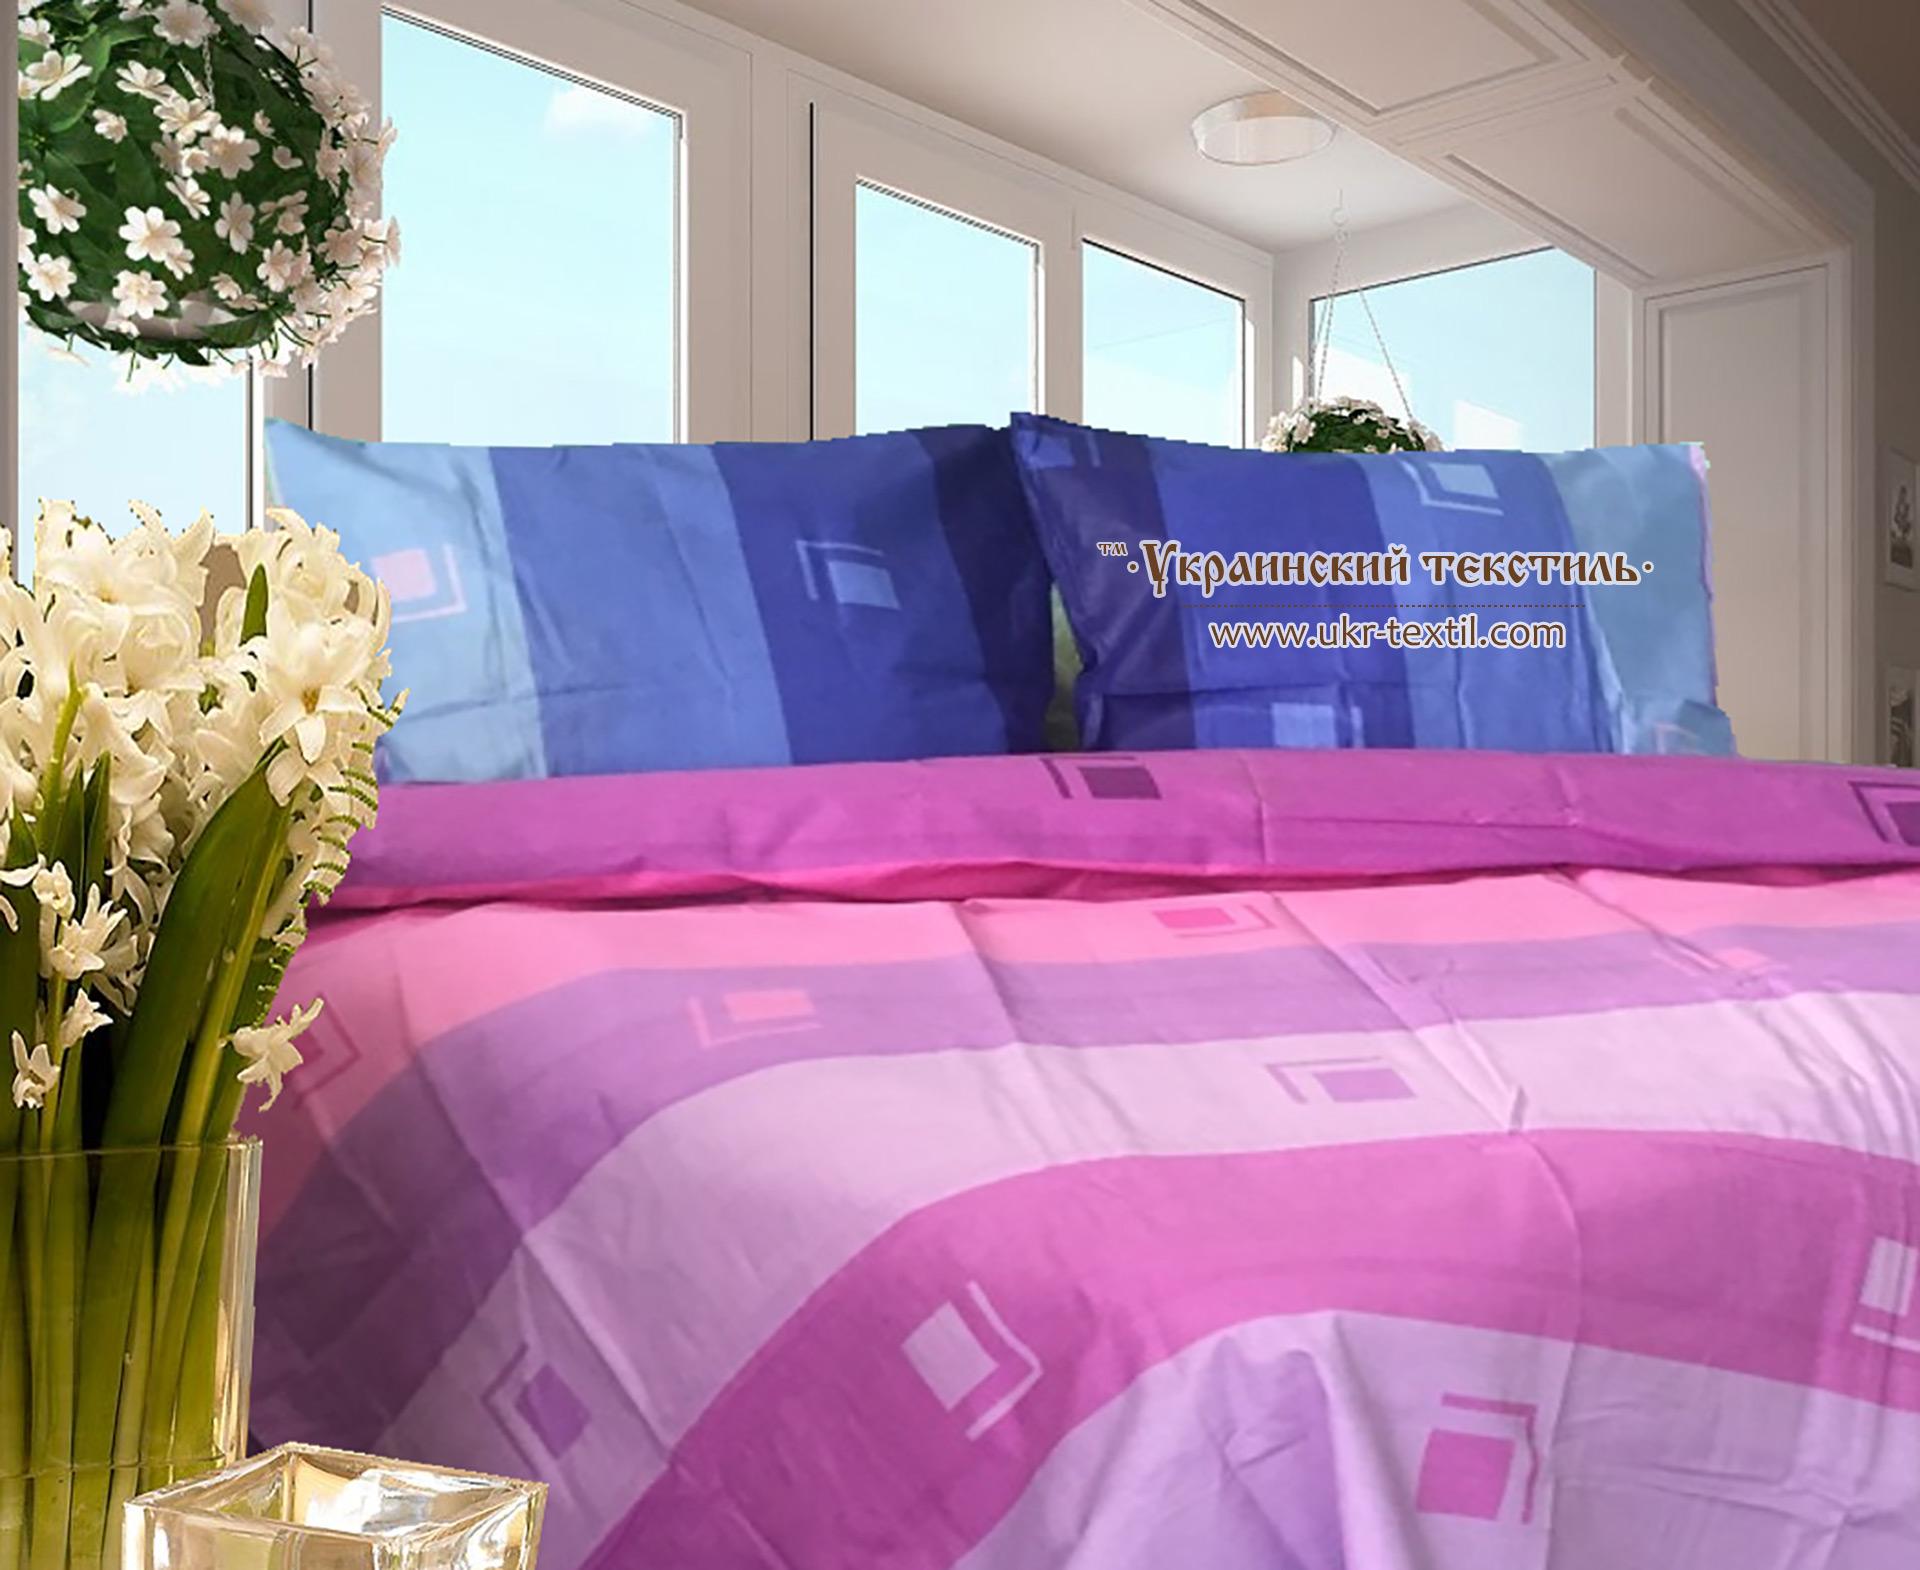 Покрывала стеганые на кровать фото